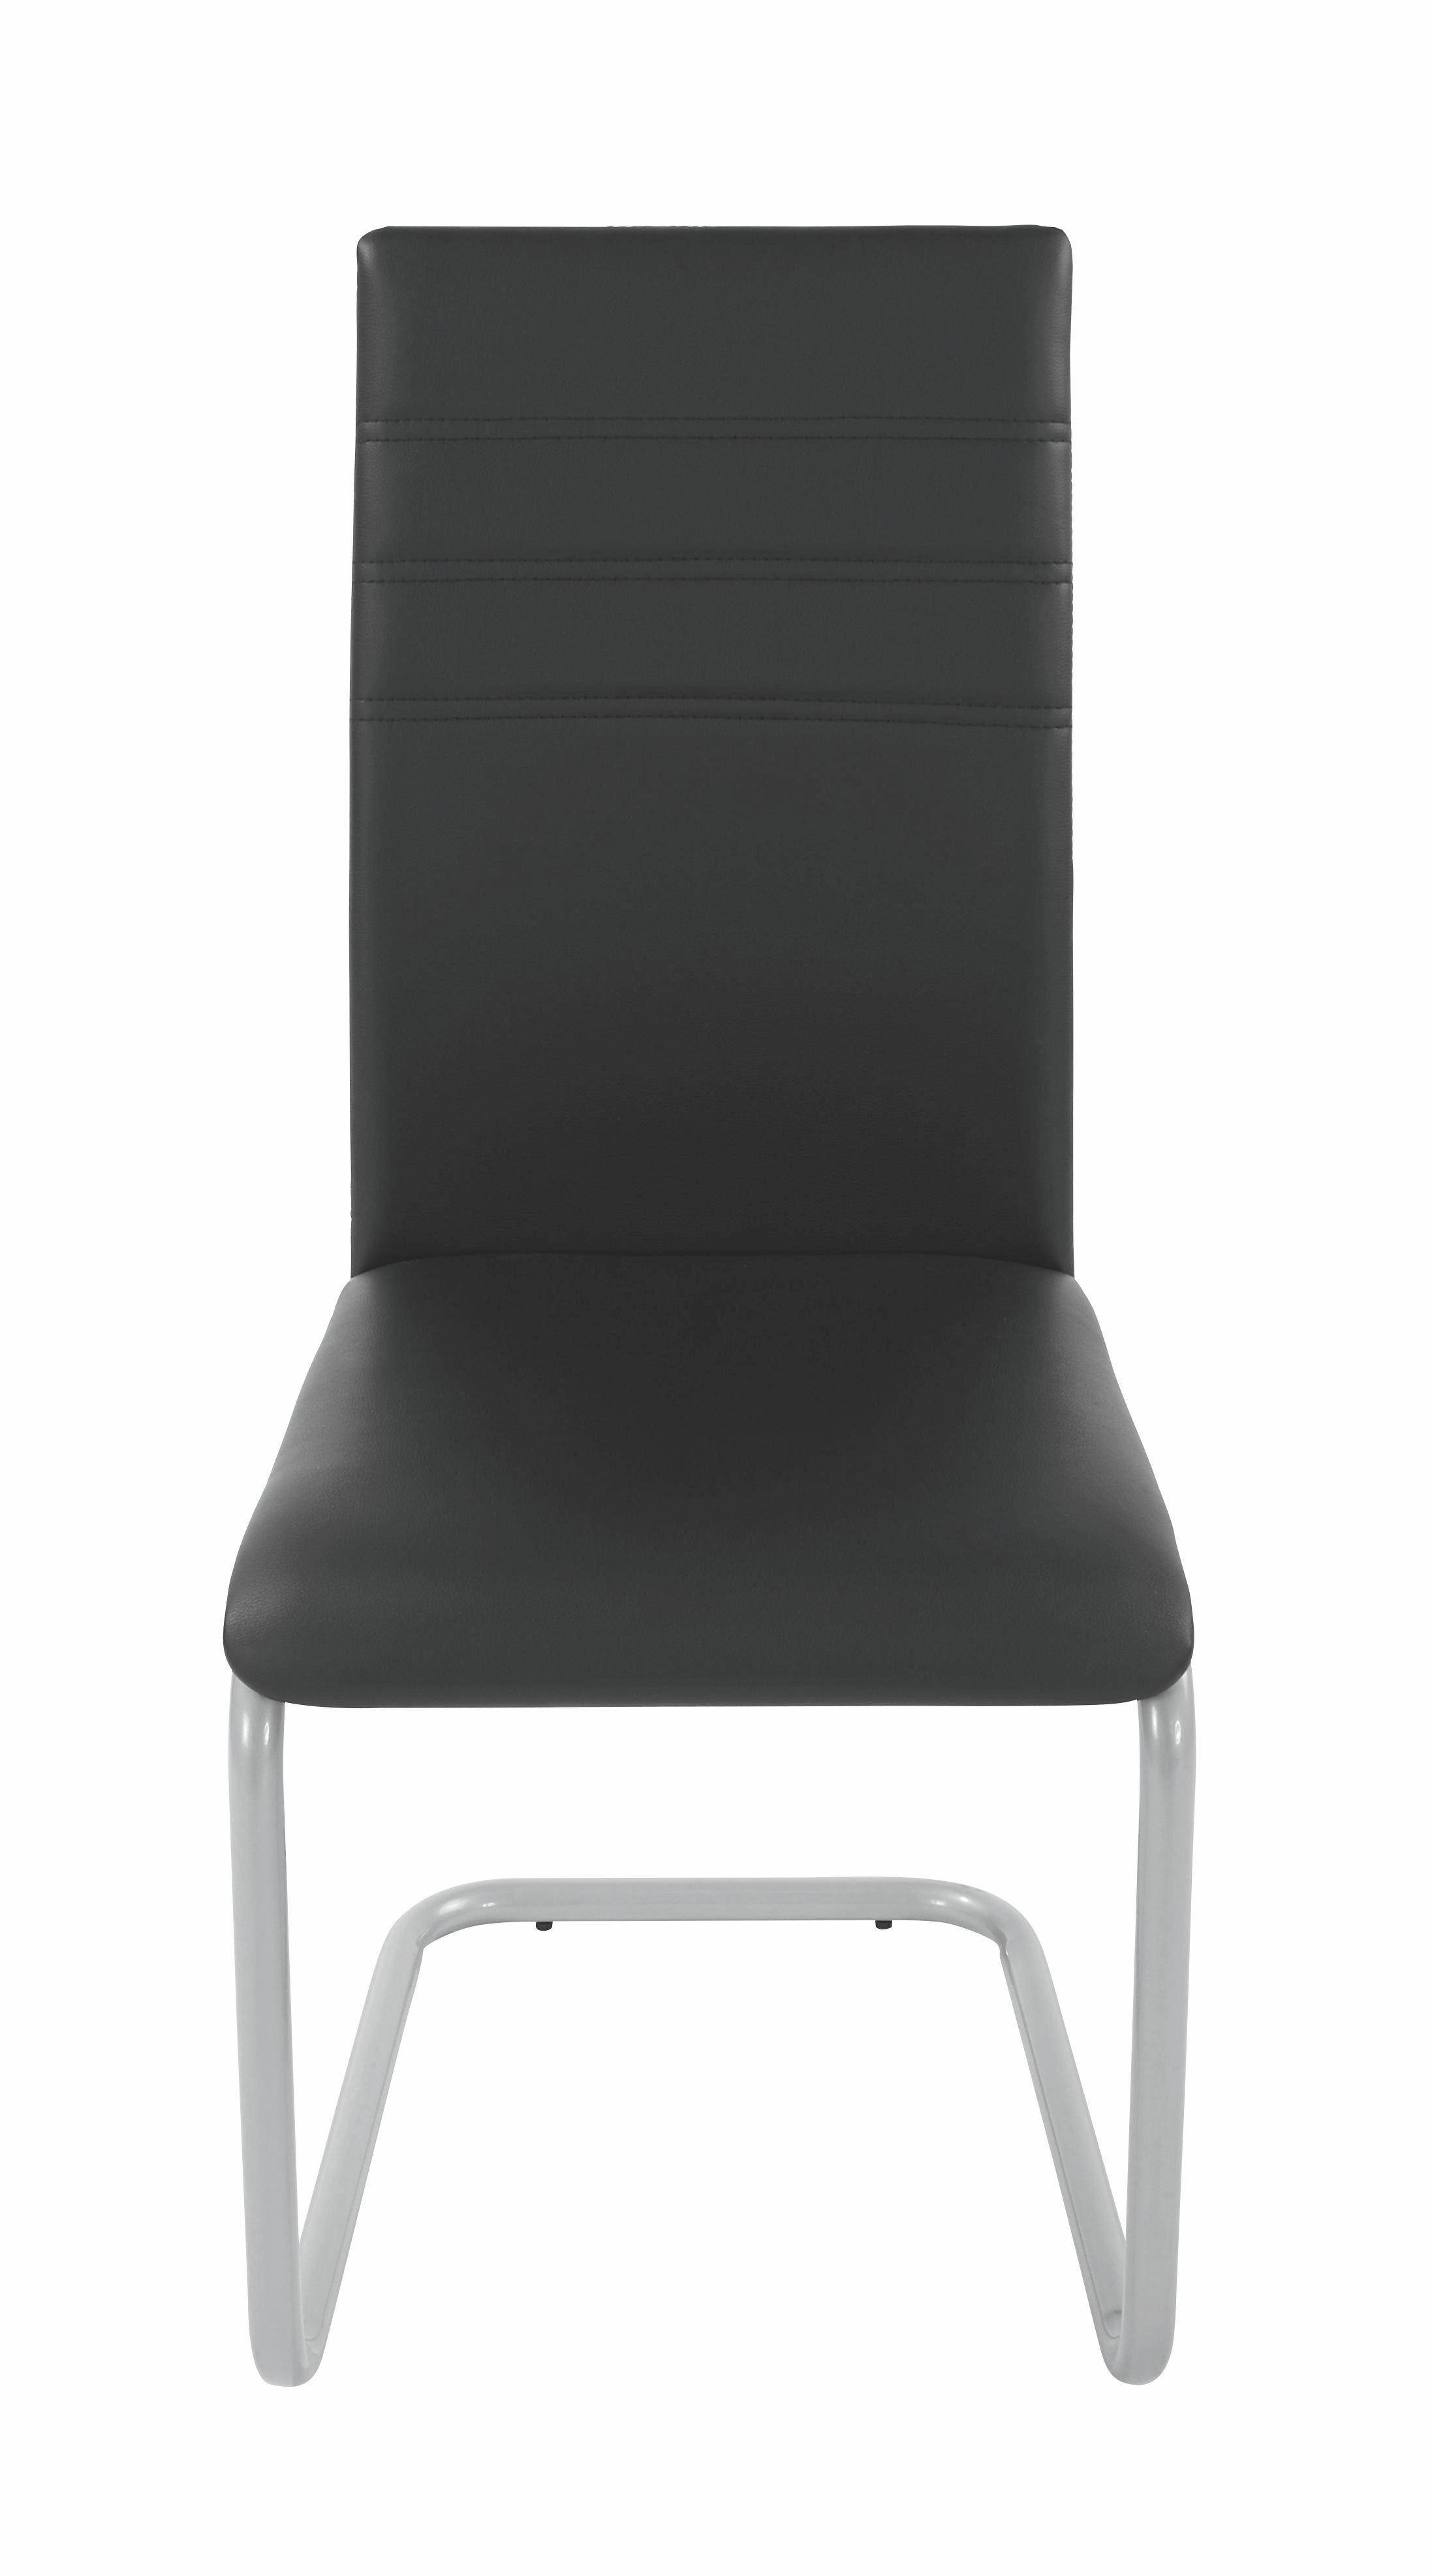 Židle Nina - barvy stříbra/černá, Moderní, kov/dřevo (43/95,5/55,5cm)